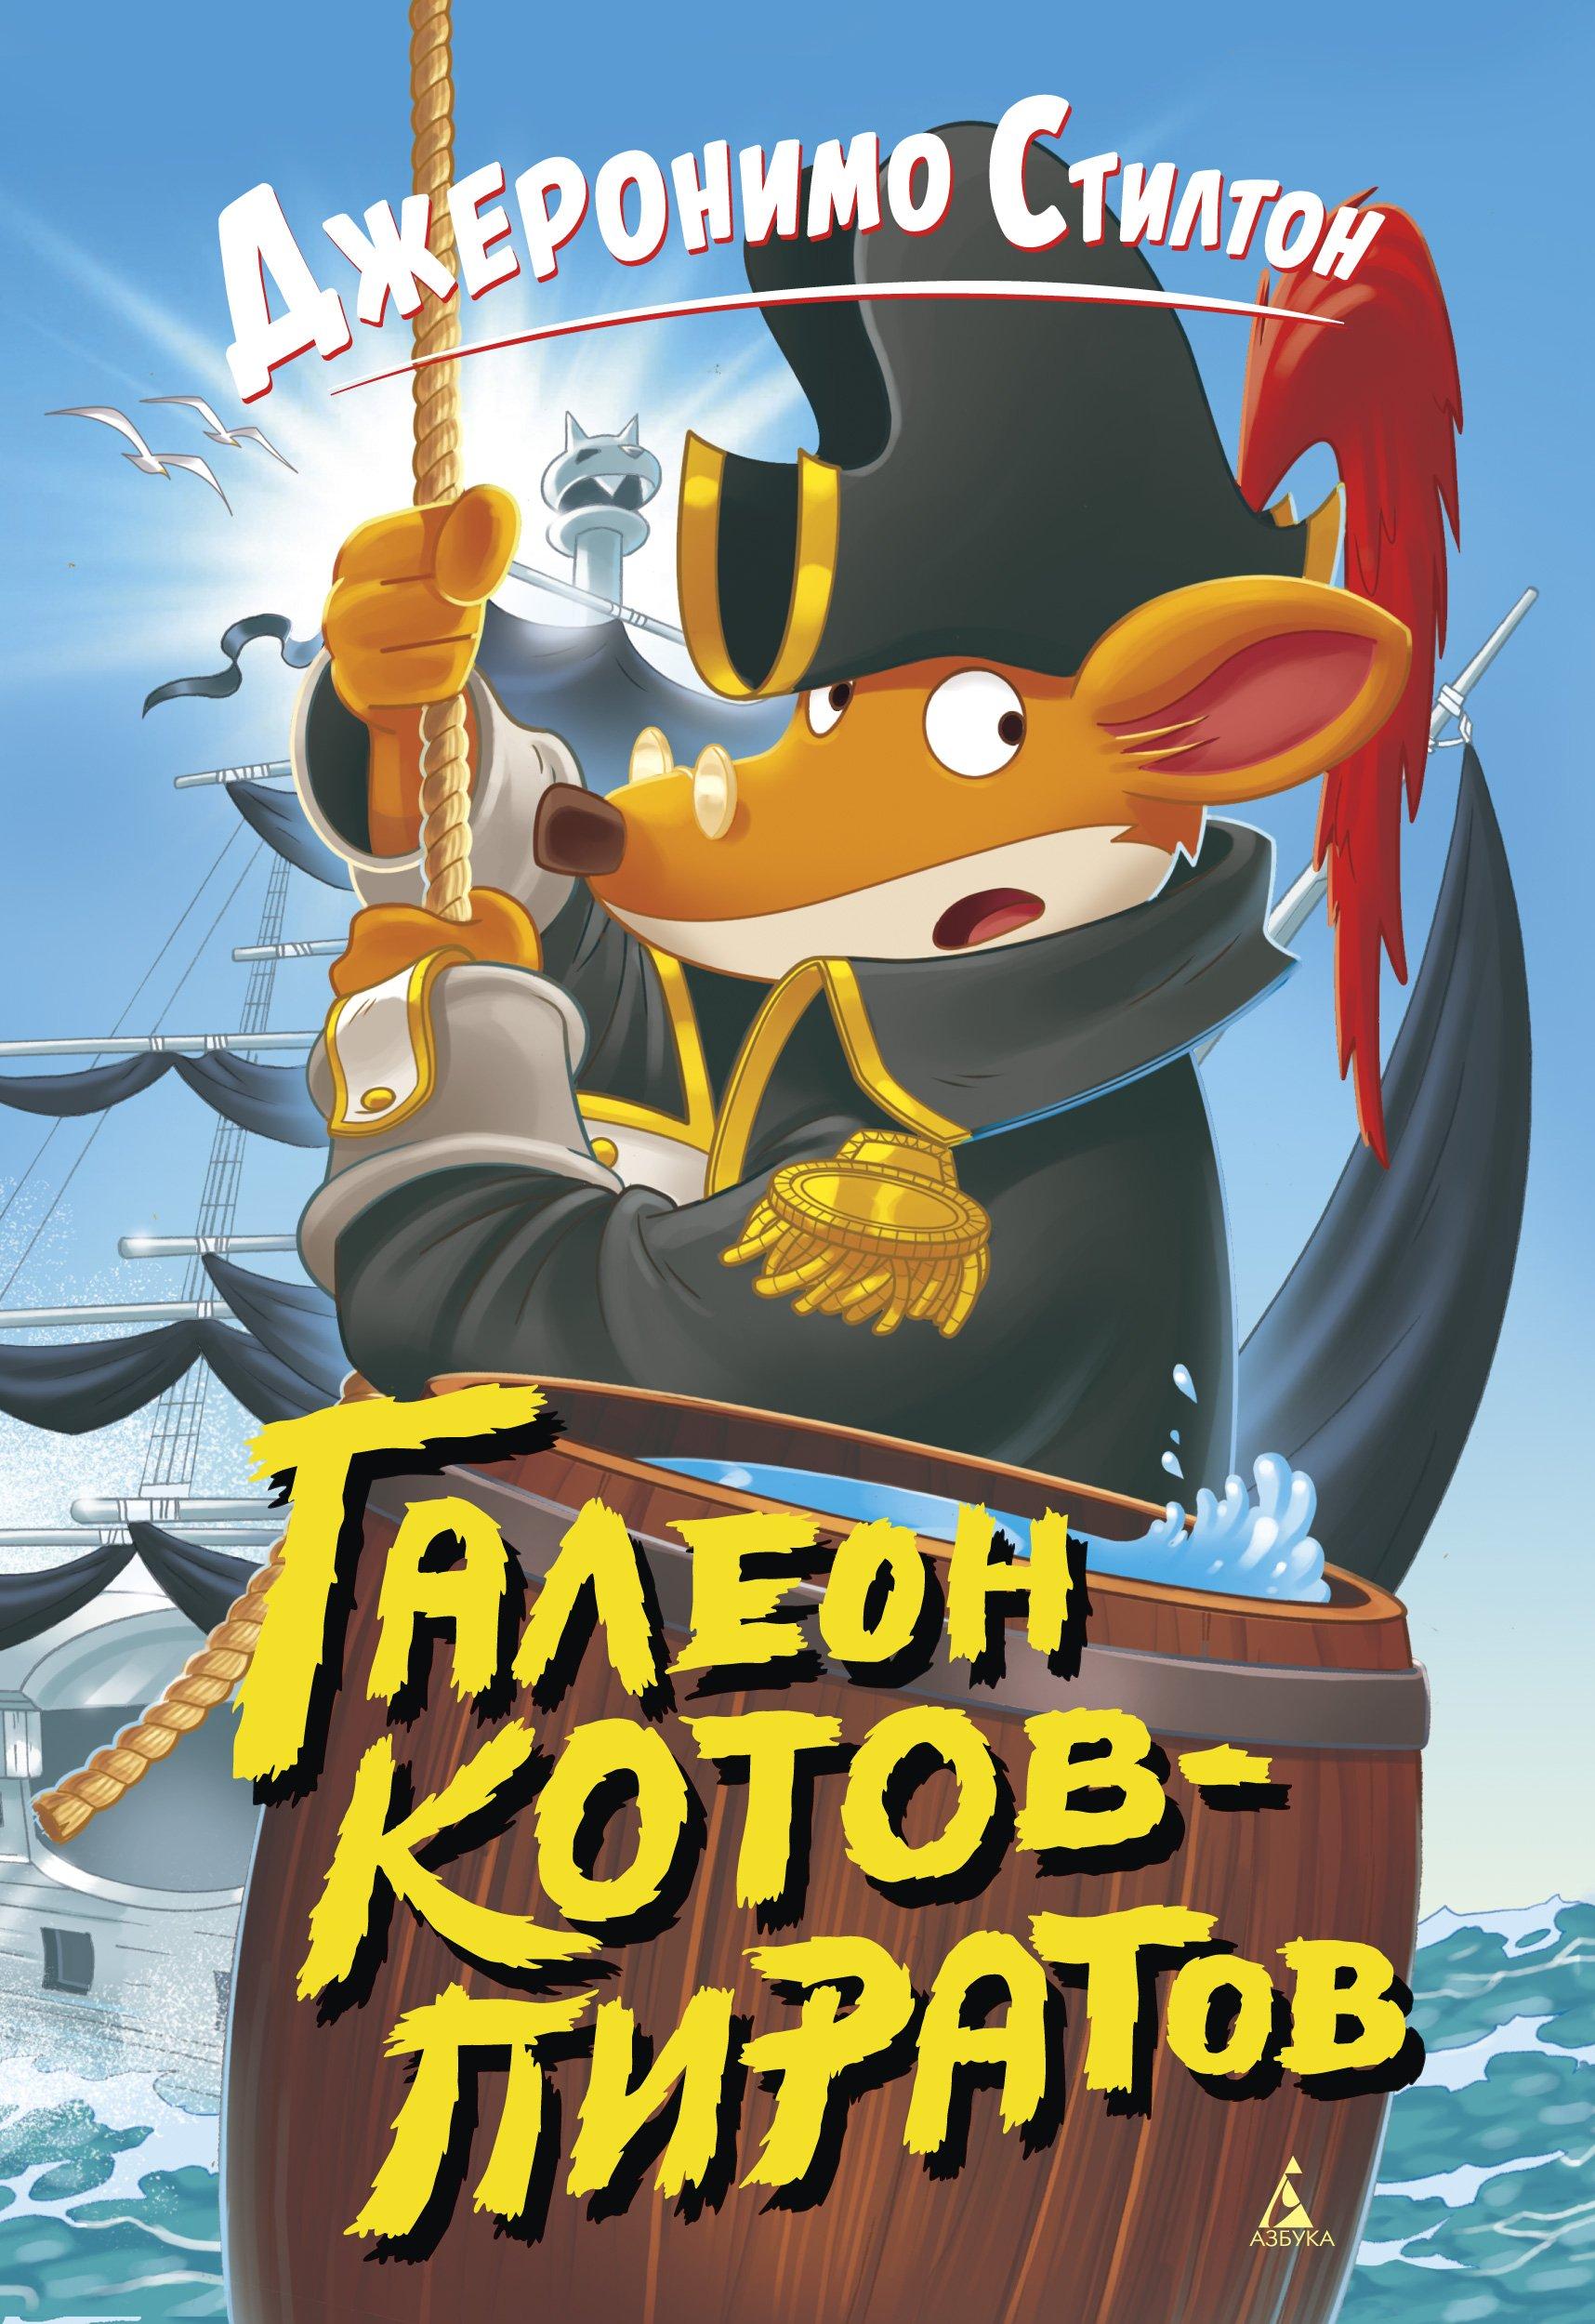 Стилтон Дж. Галеон котов-пиратов